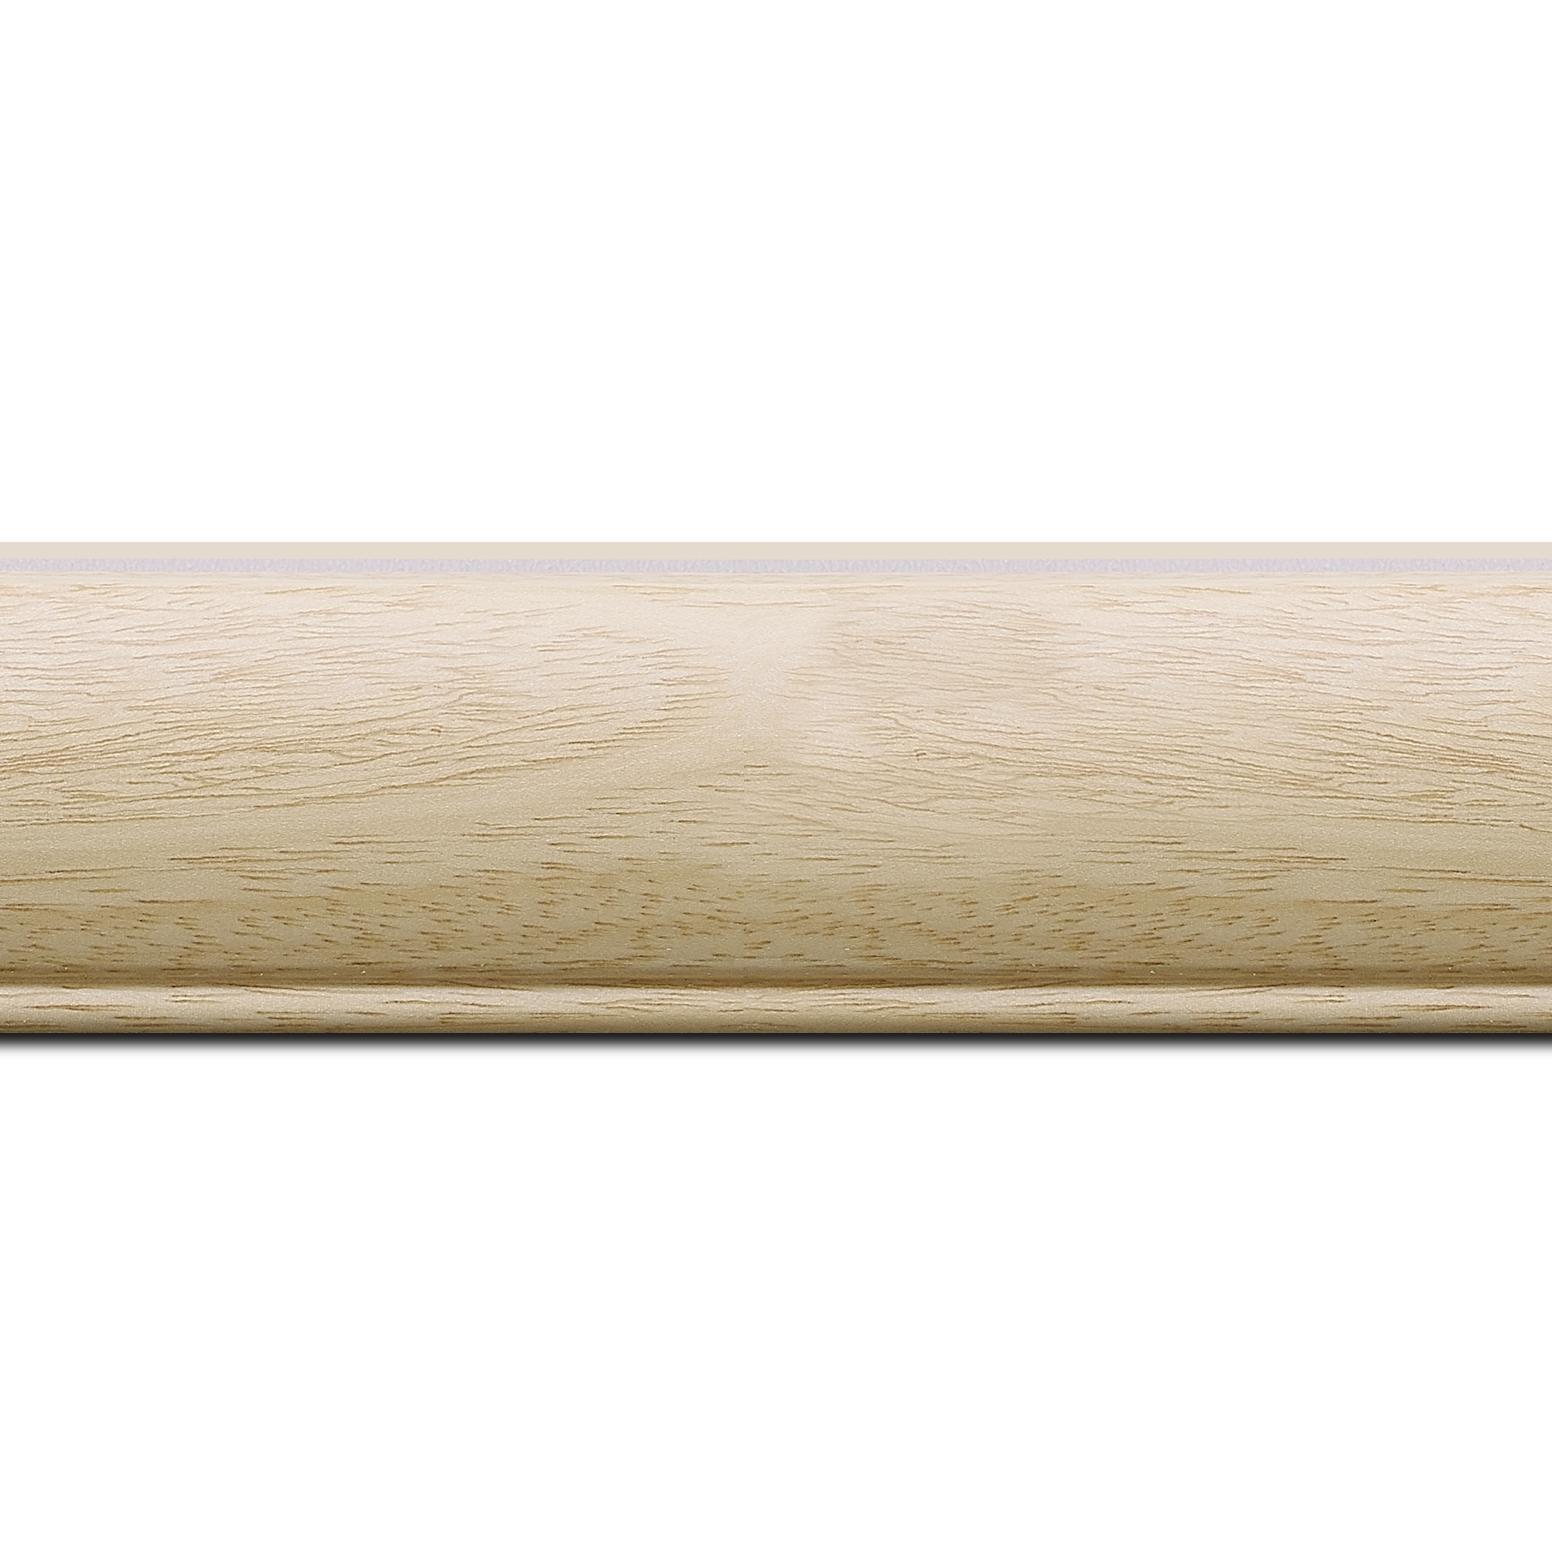 Pack par 12m, bois profil arrondi largeur 4.7cm couleur naturel satiné (longueur baguette pouvant varier entre 2.40m et 3m selon arrivage des bois)